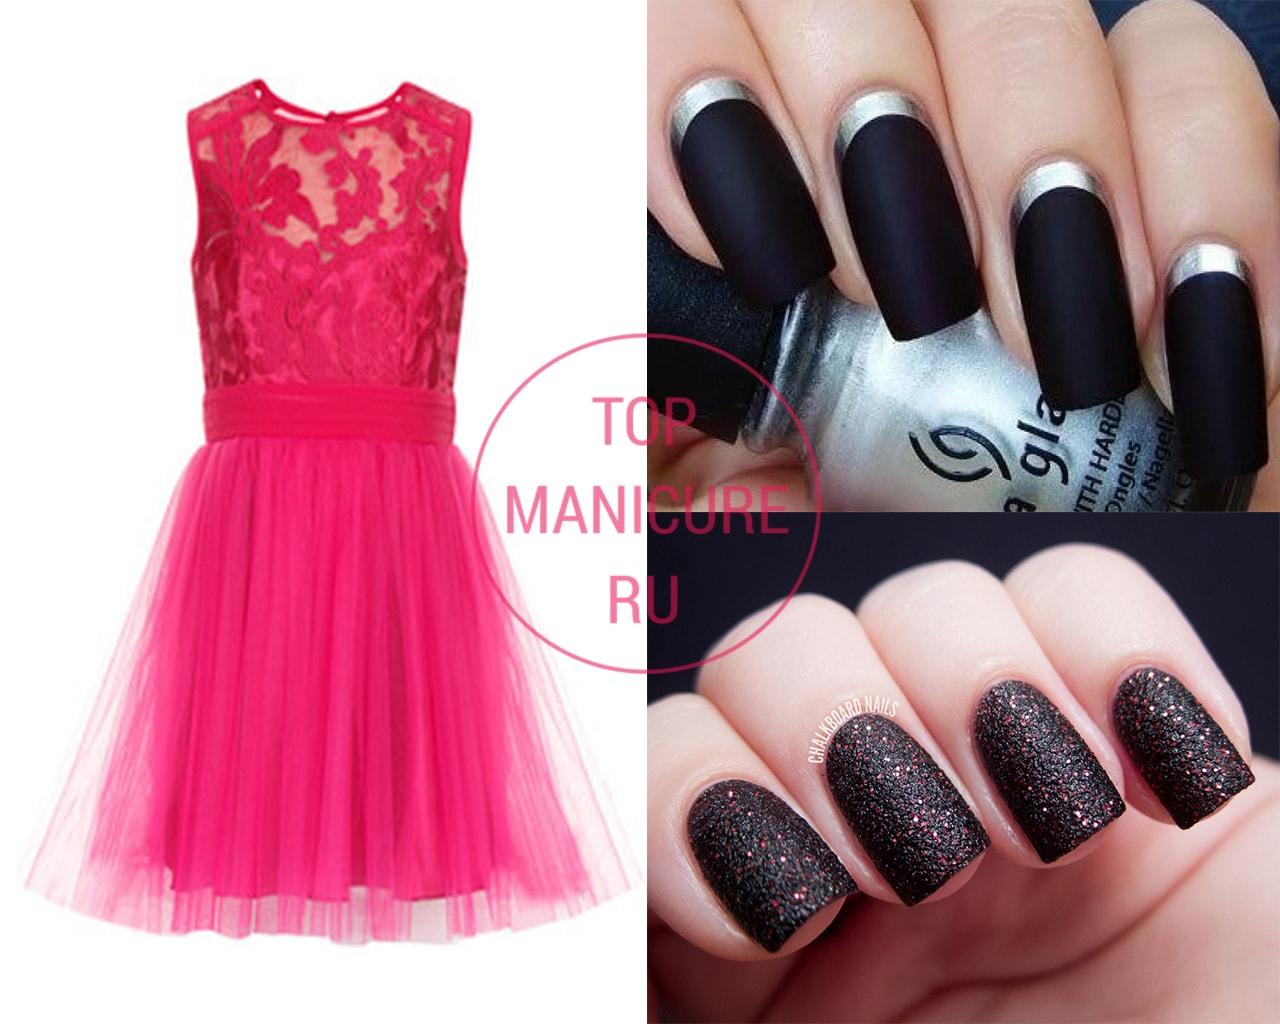 Черный маникюр под розовое платье